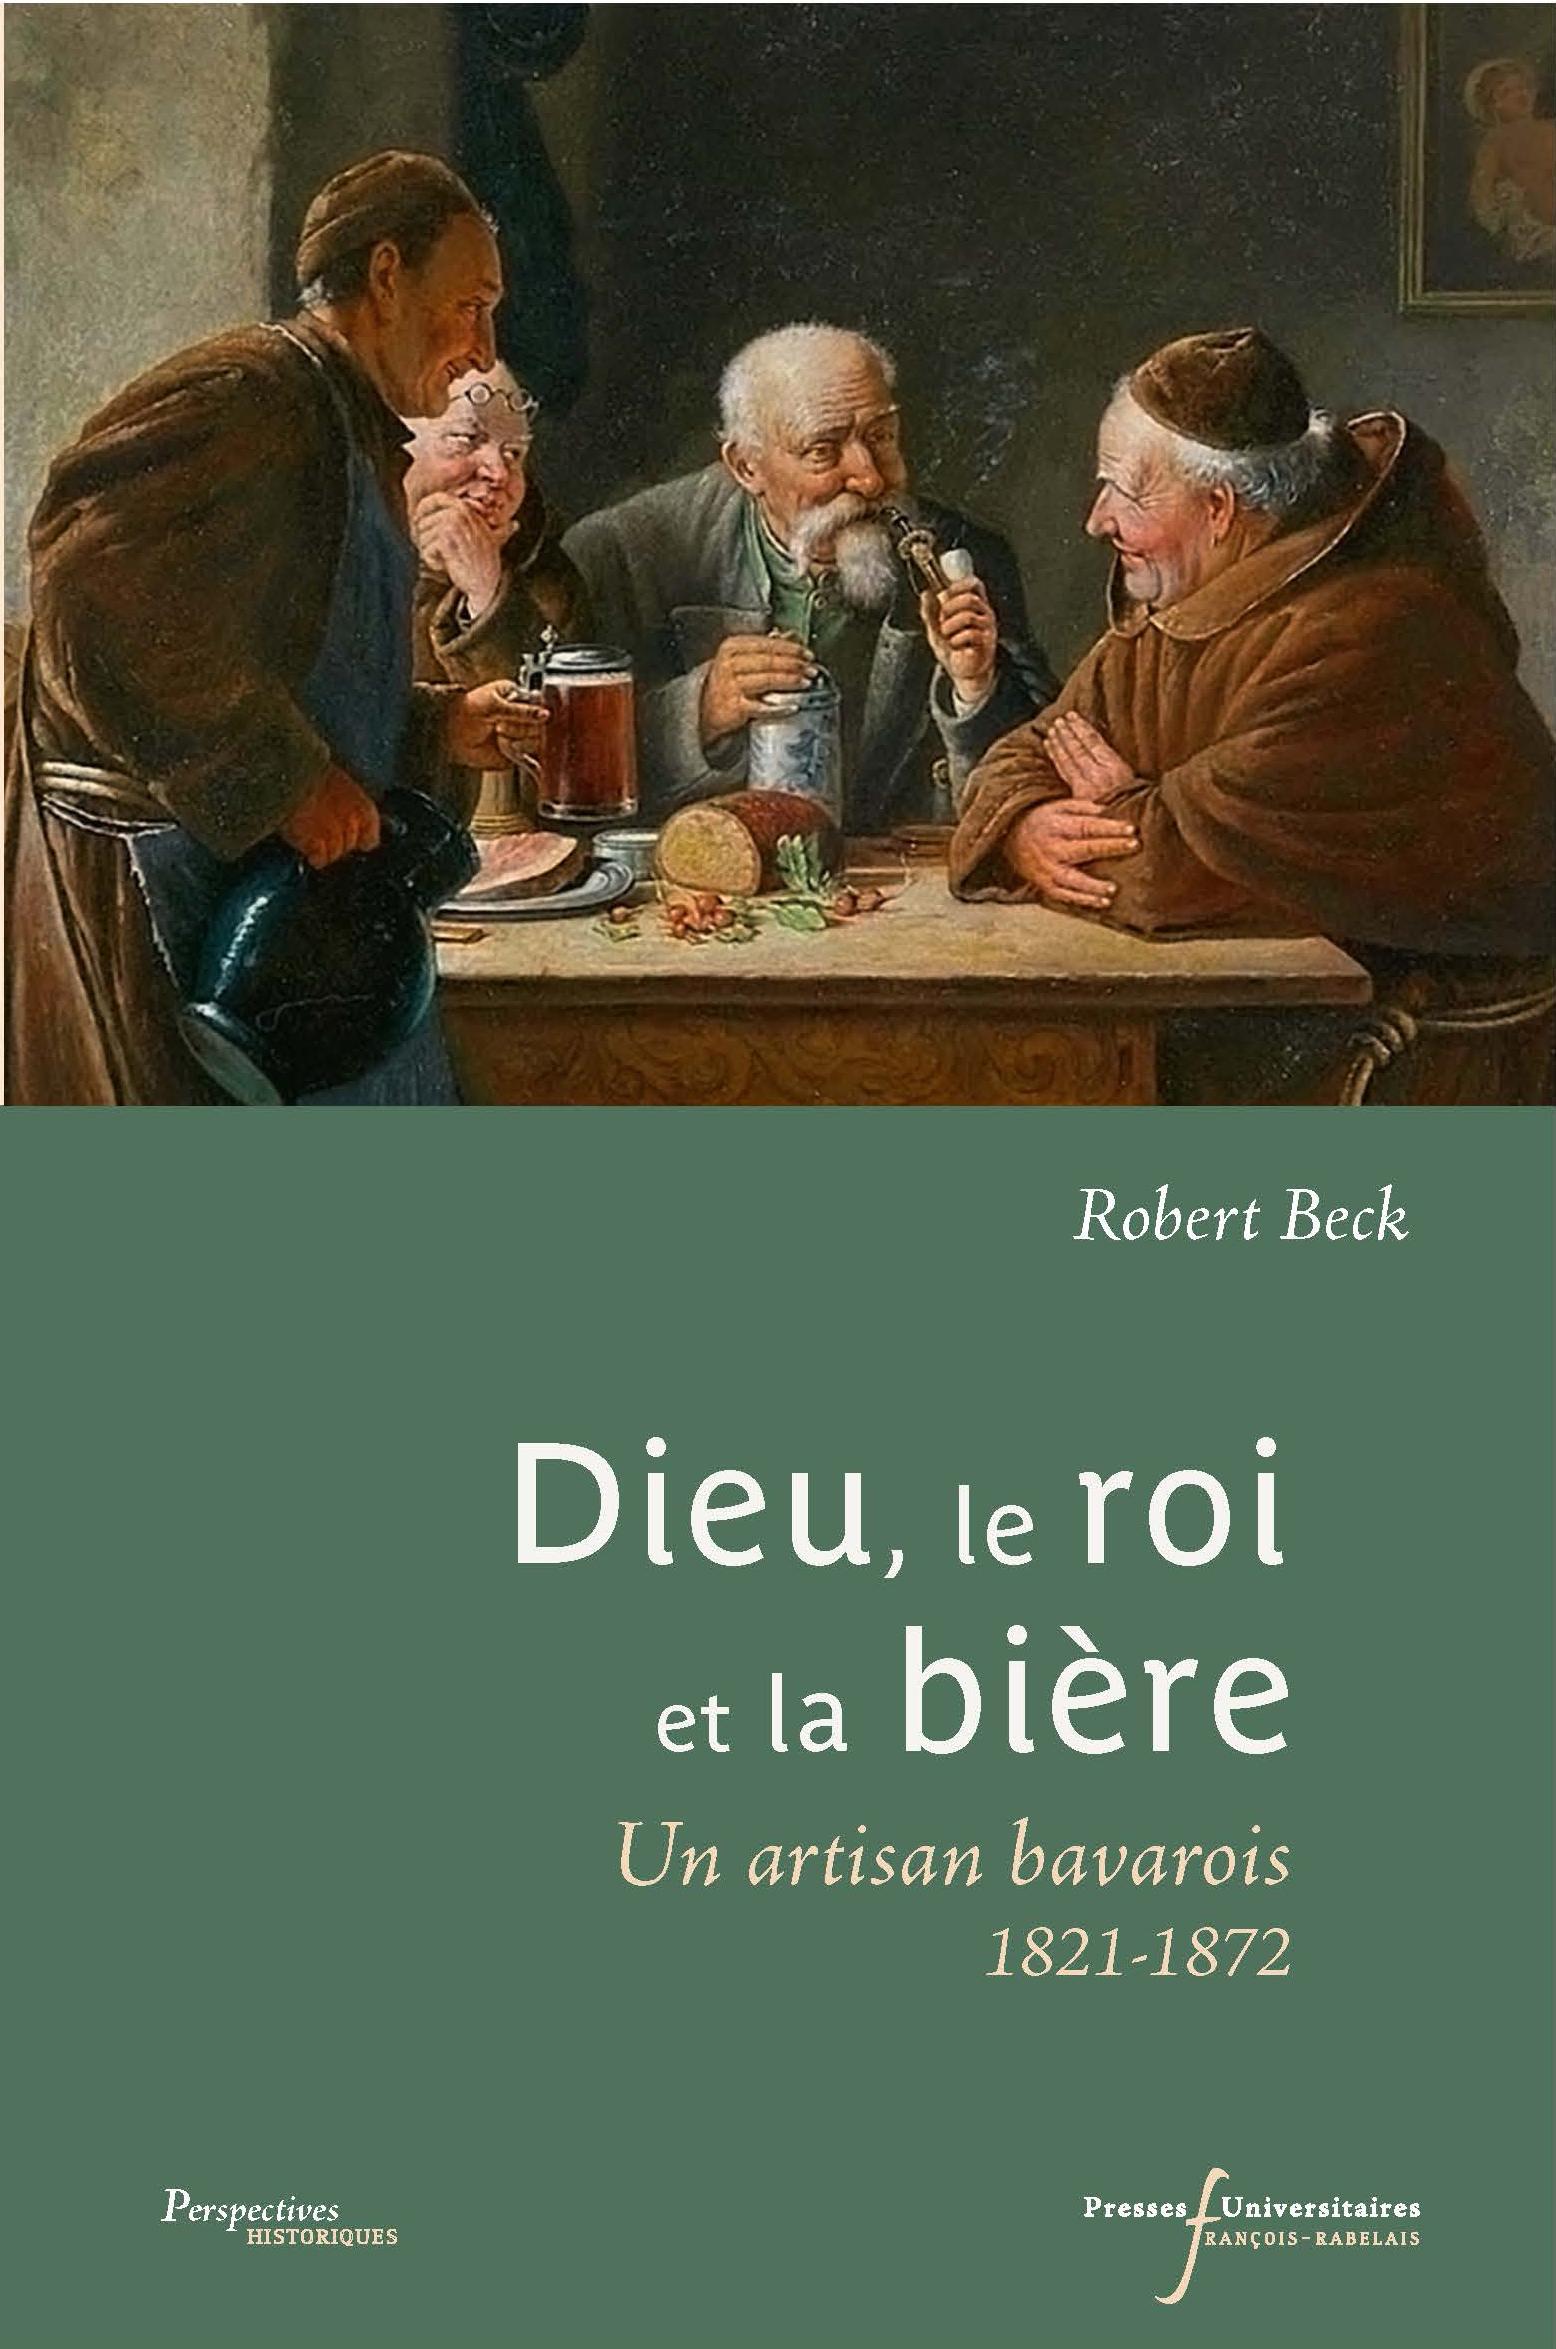 Dieu, le roi et la bière